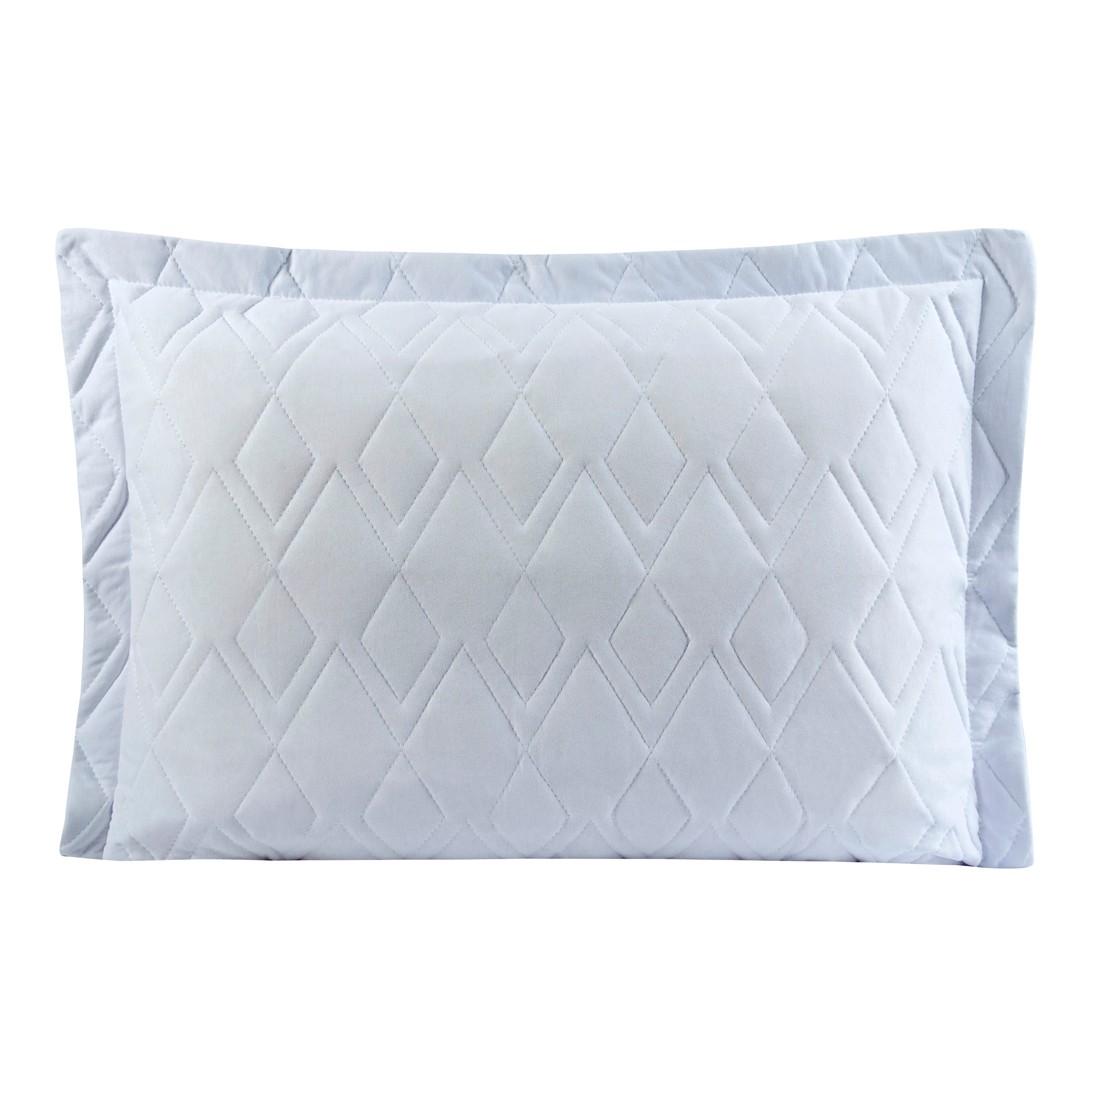 Porta Travesseiro Avulso Branco em Malha 100% Algodão 150g/m2